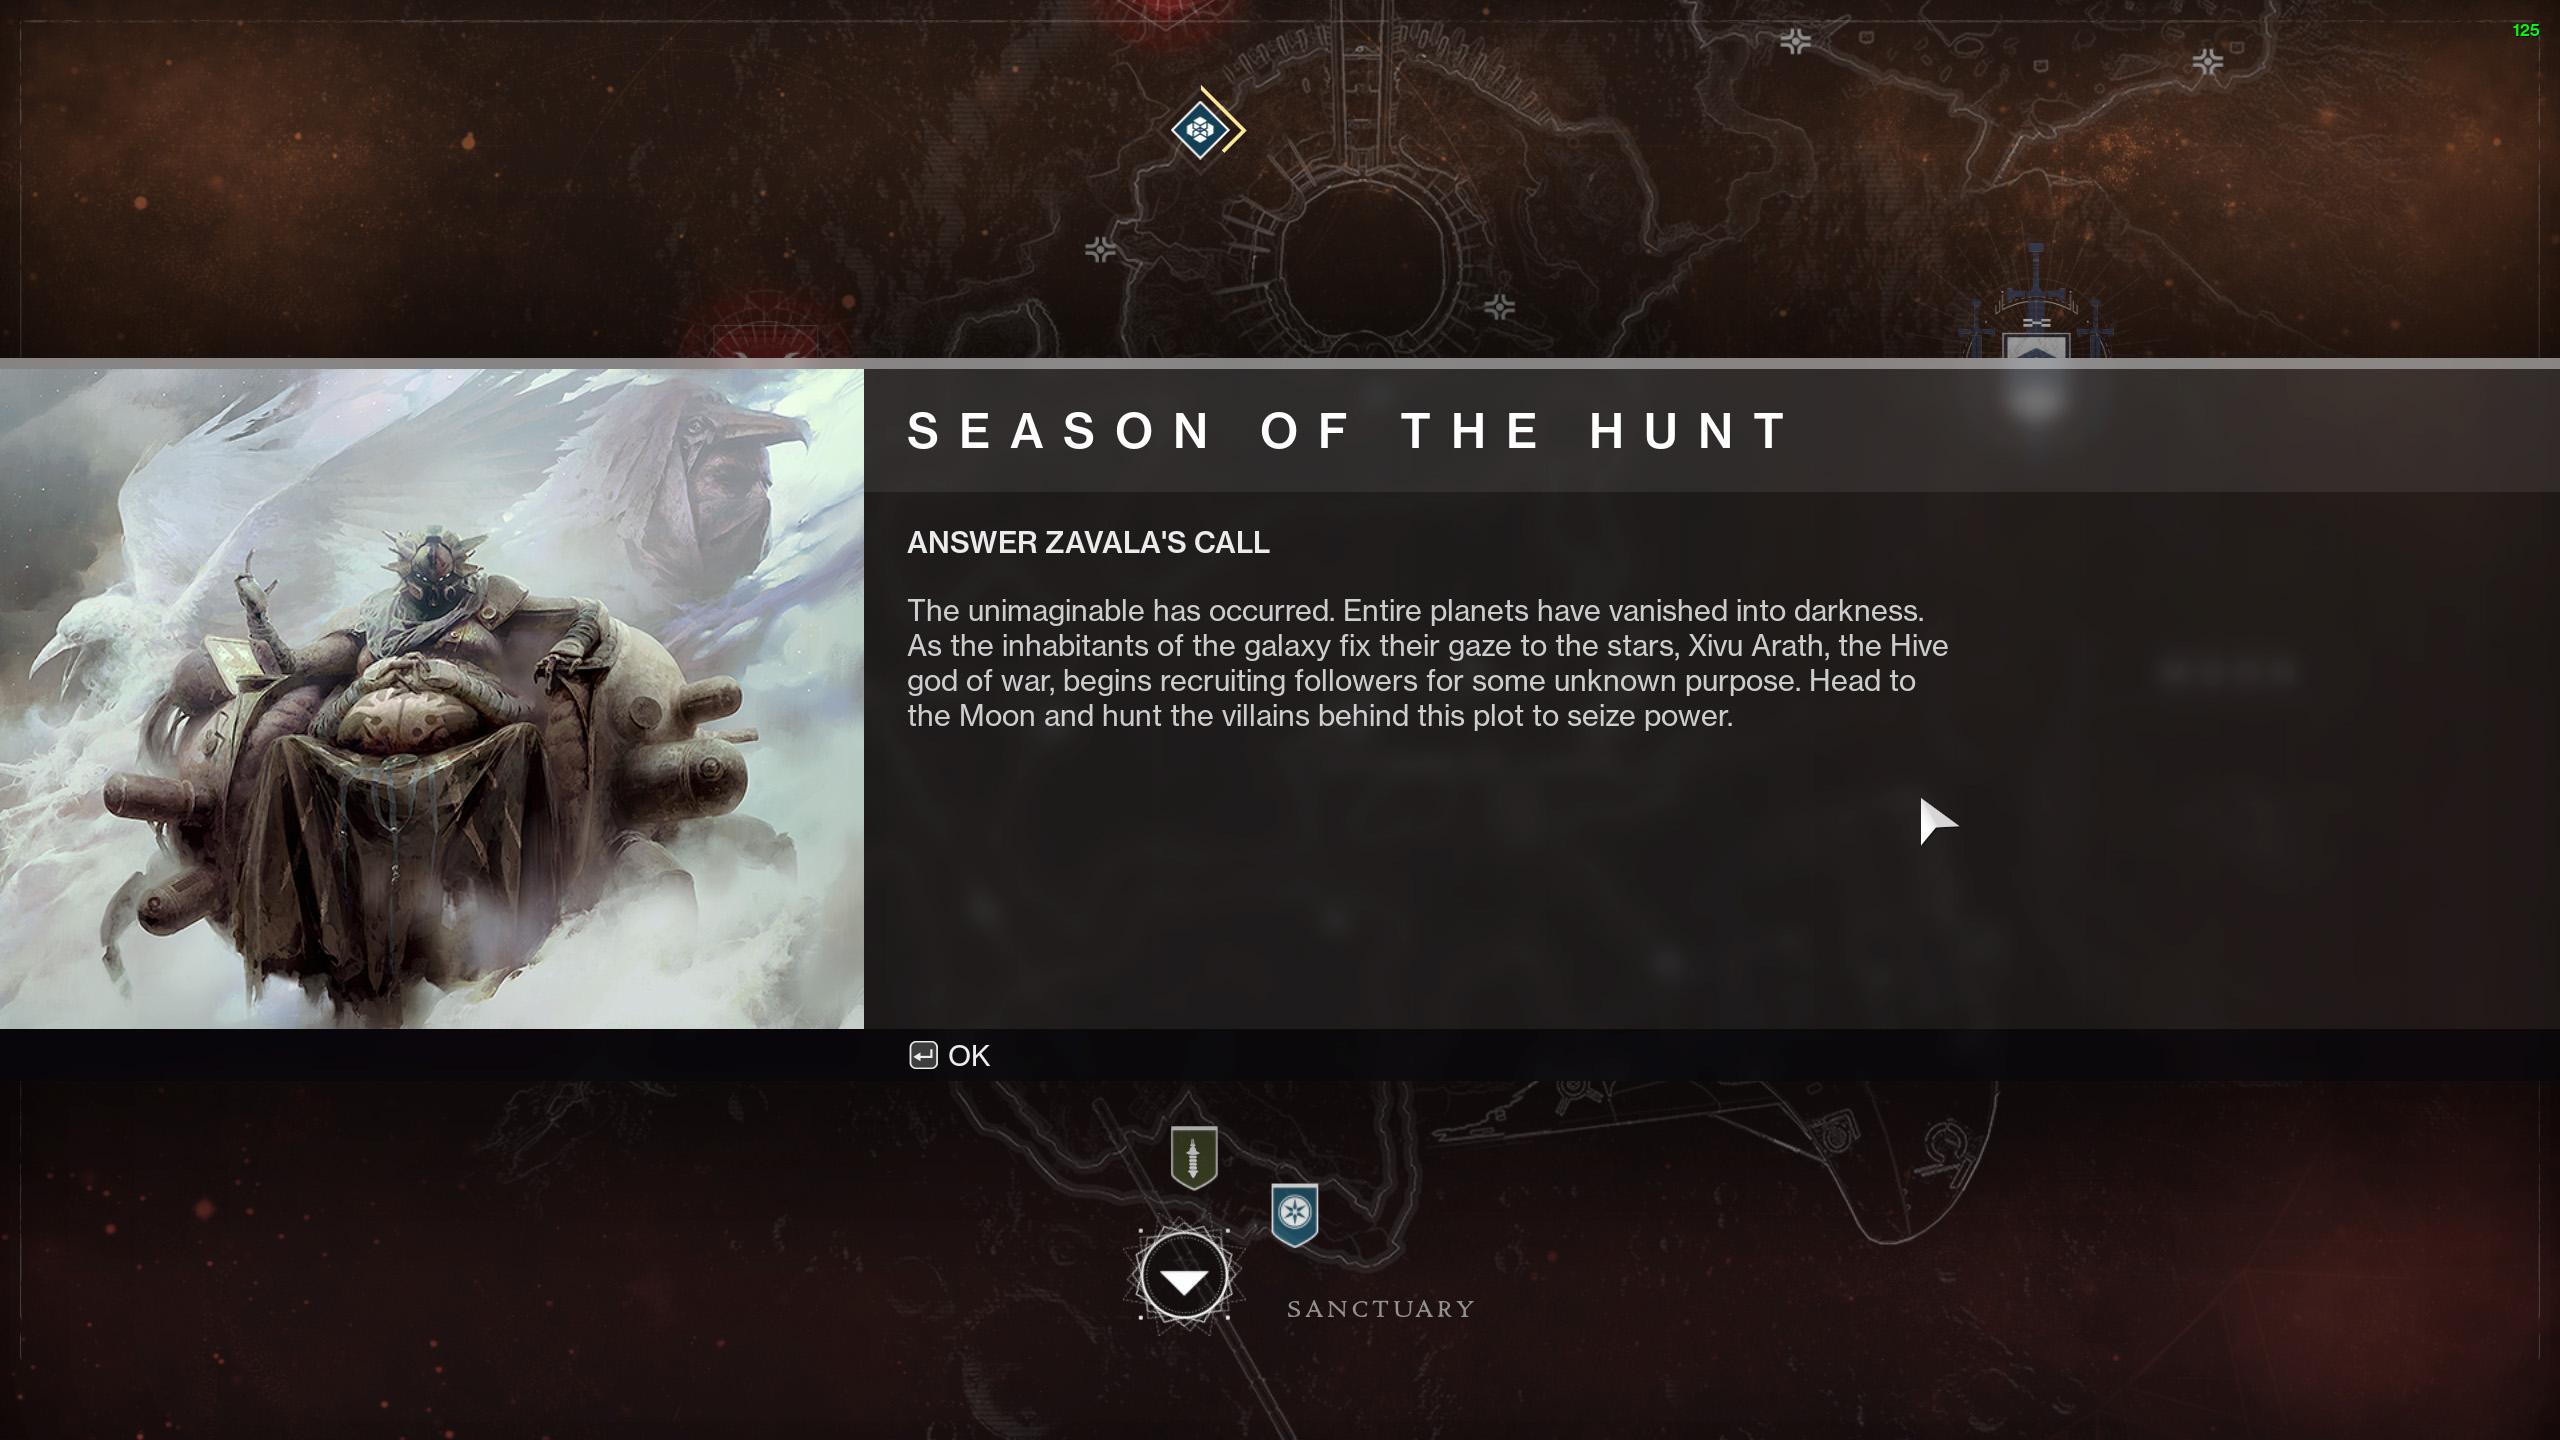 destiny 2 season of the hunt campaign